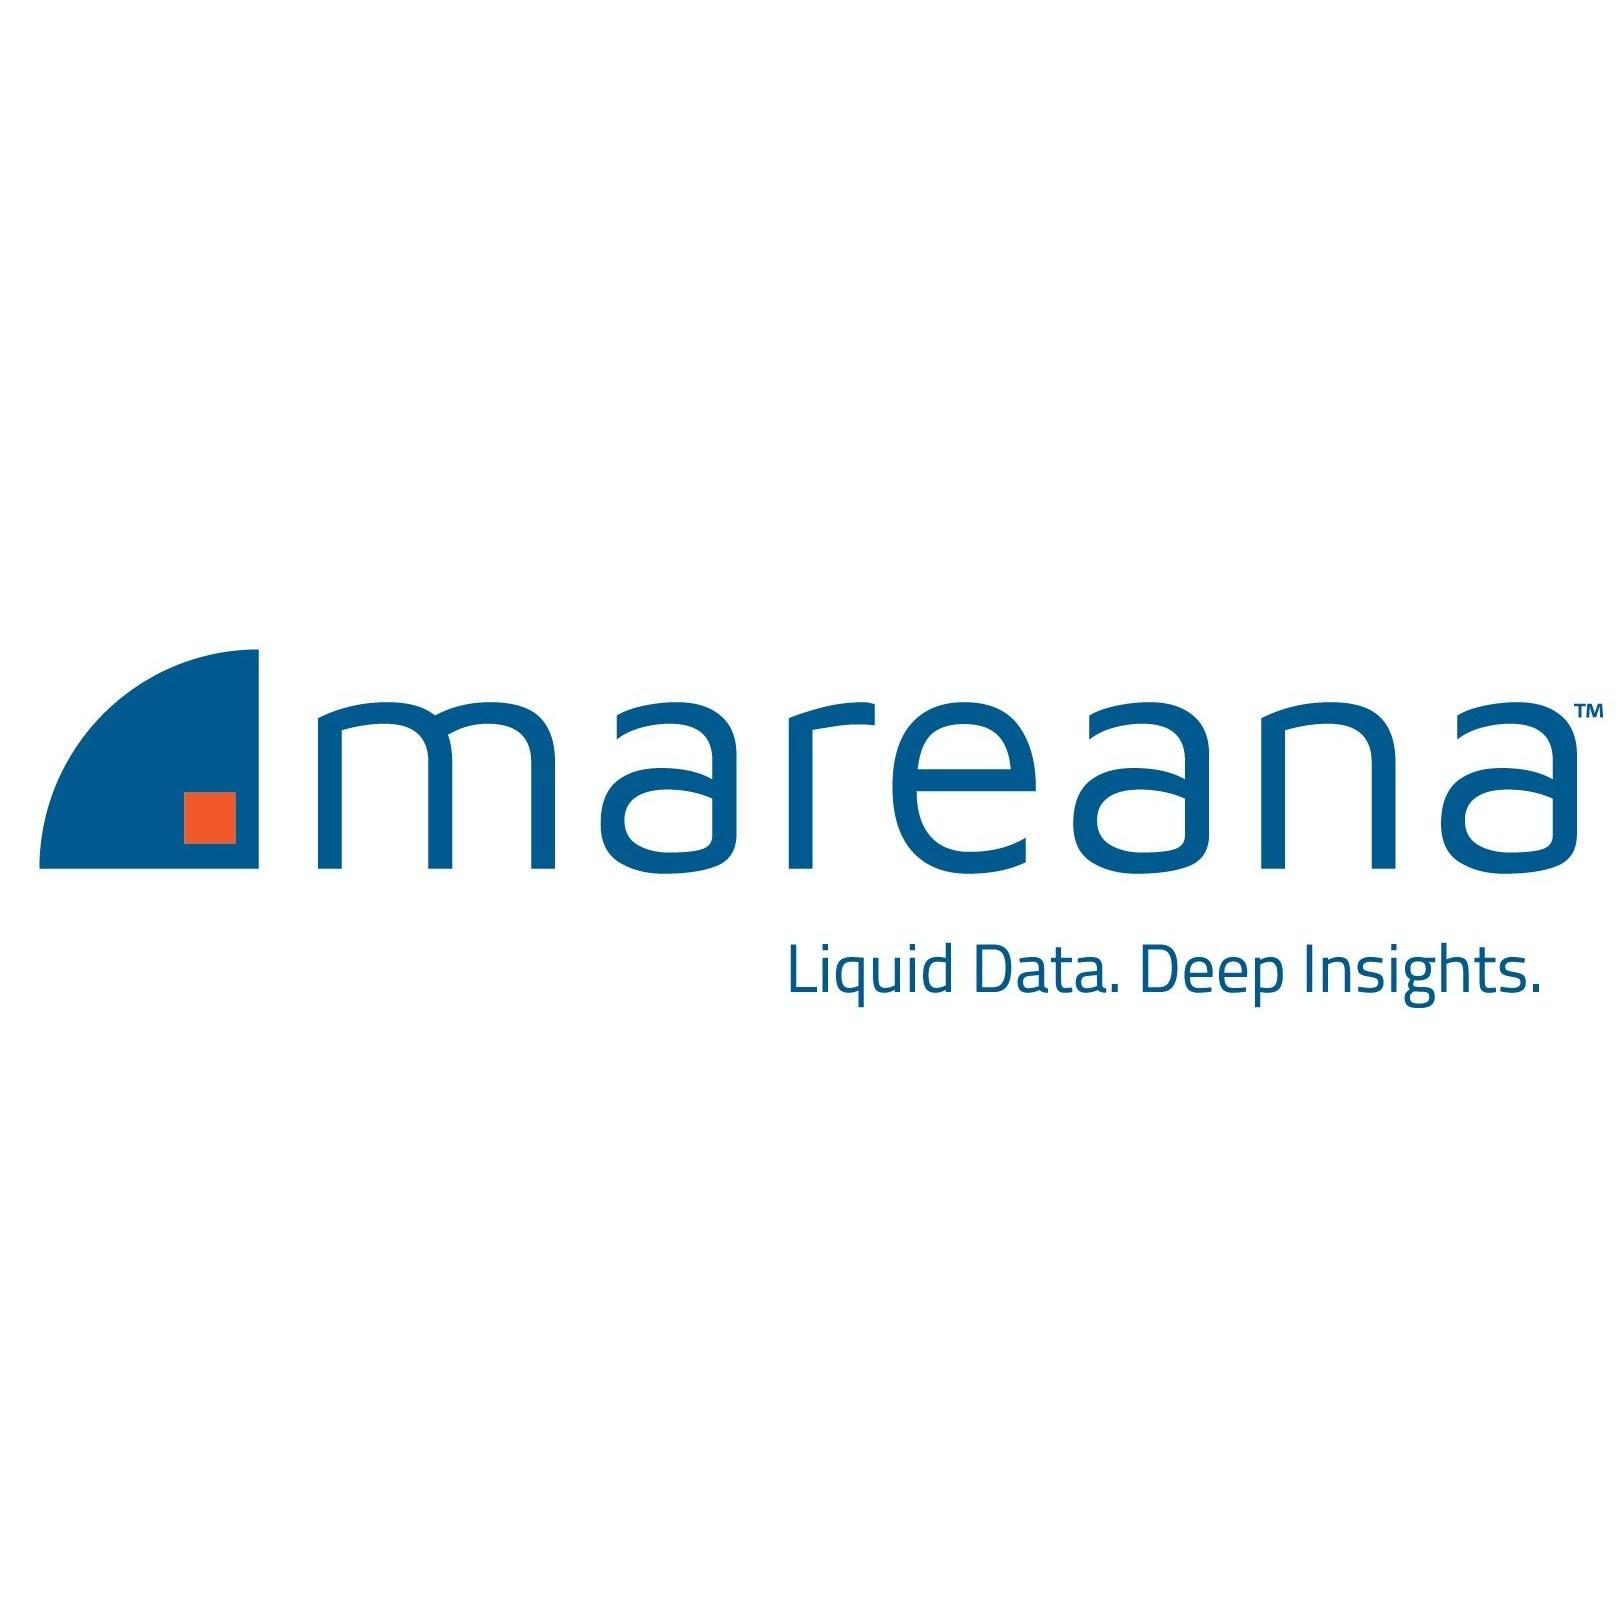 Mareana company logo